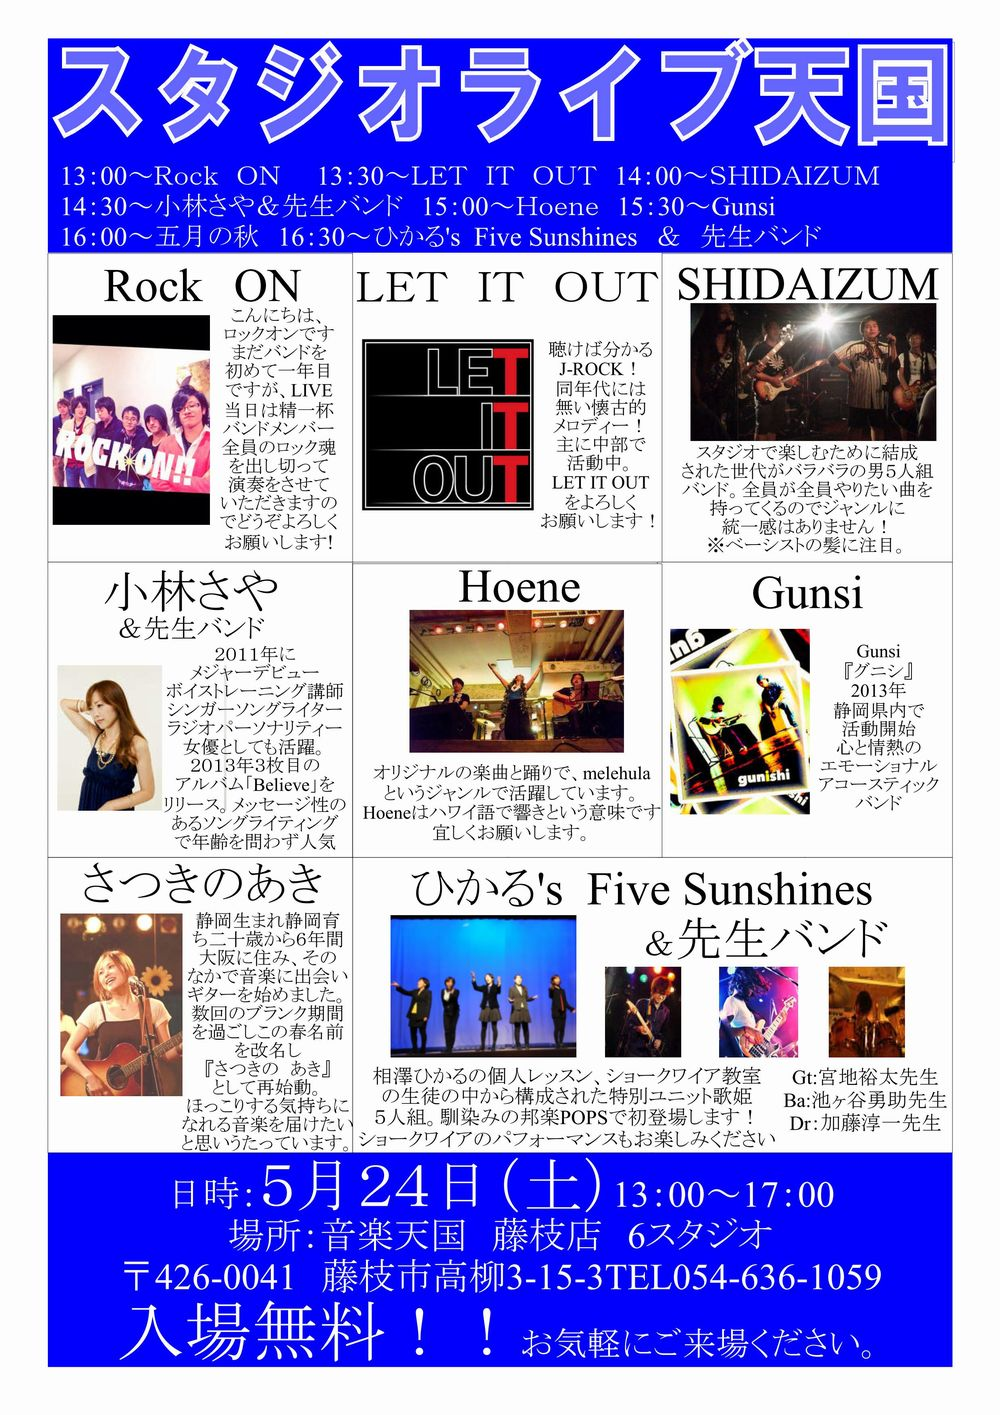 スタジオライブ@藤枝店5月24日(土)開催!